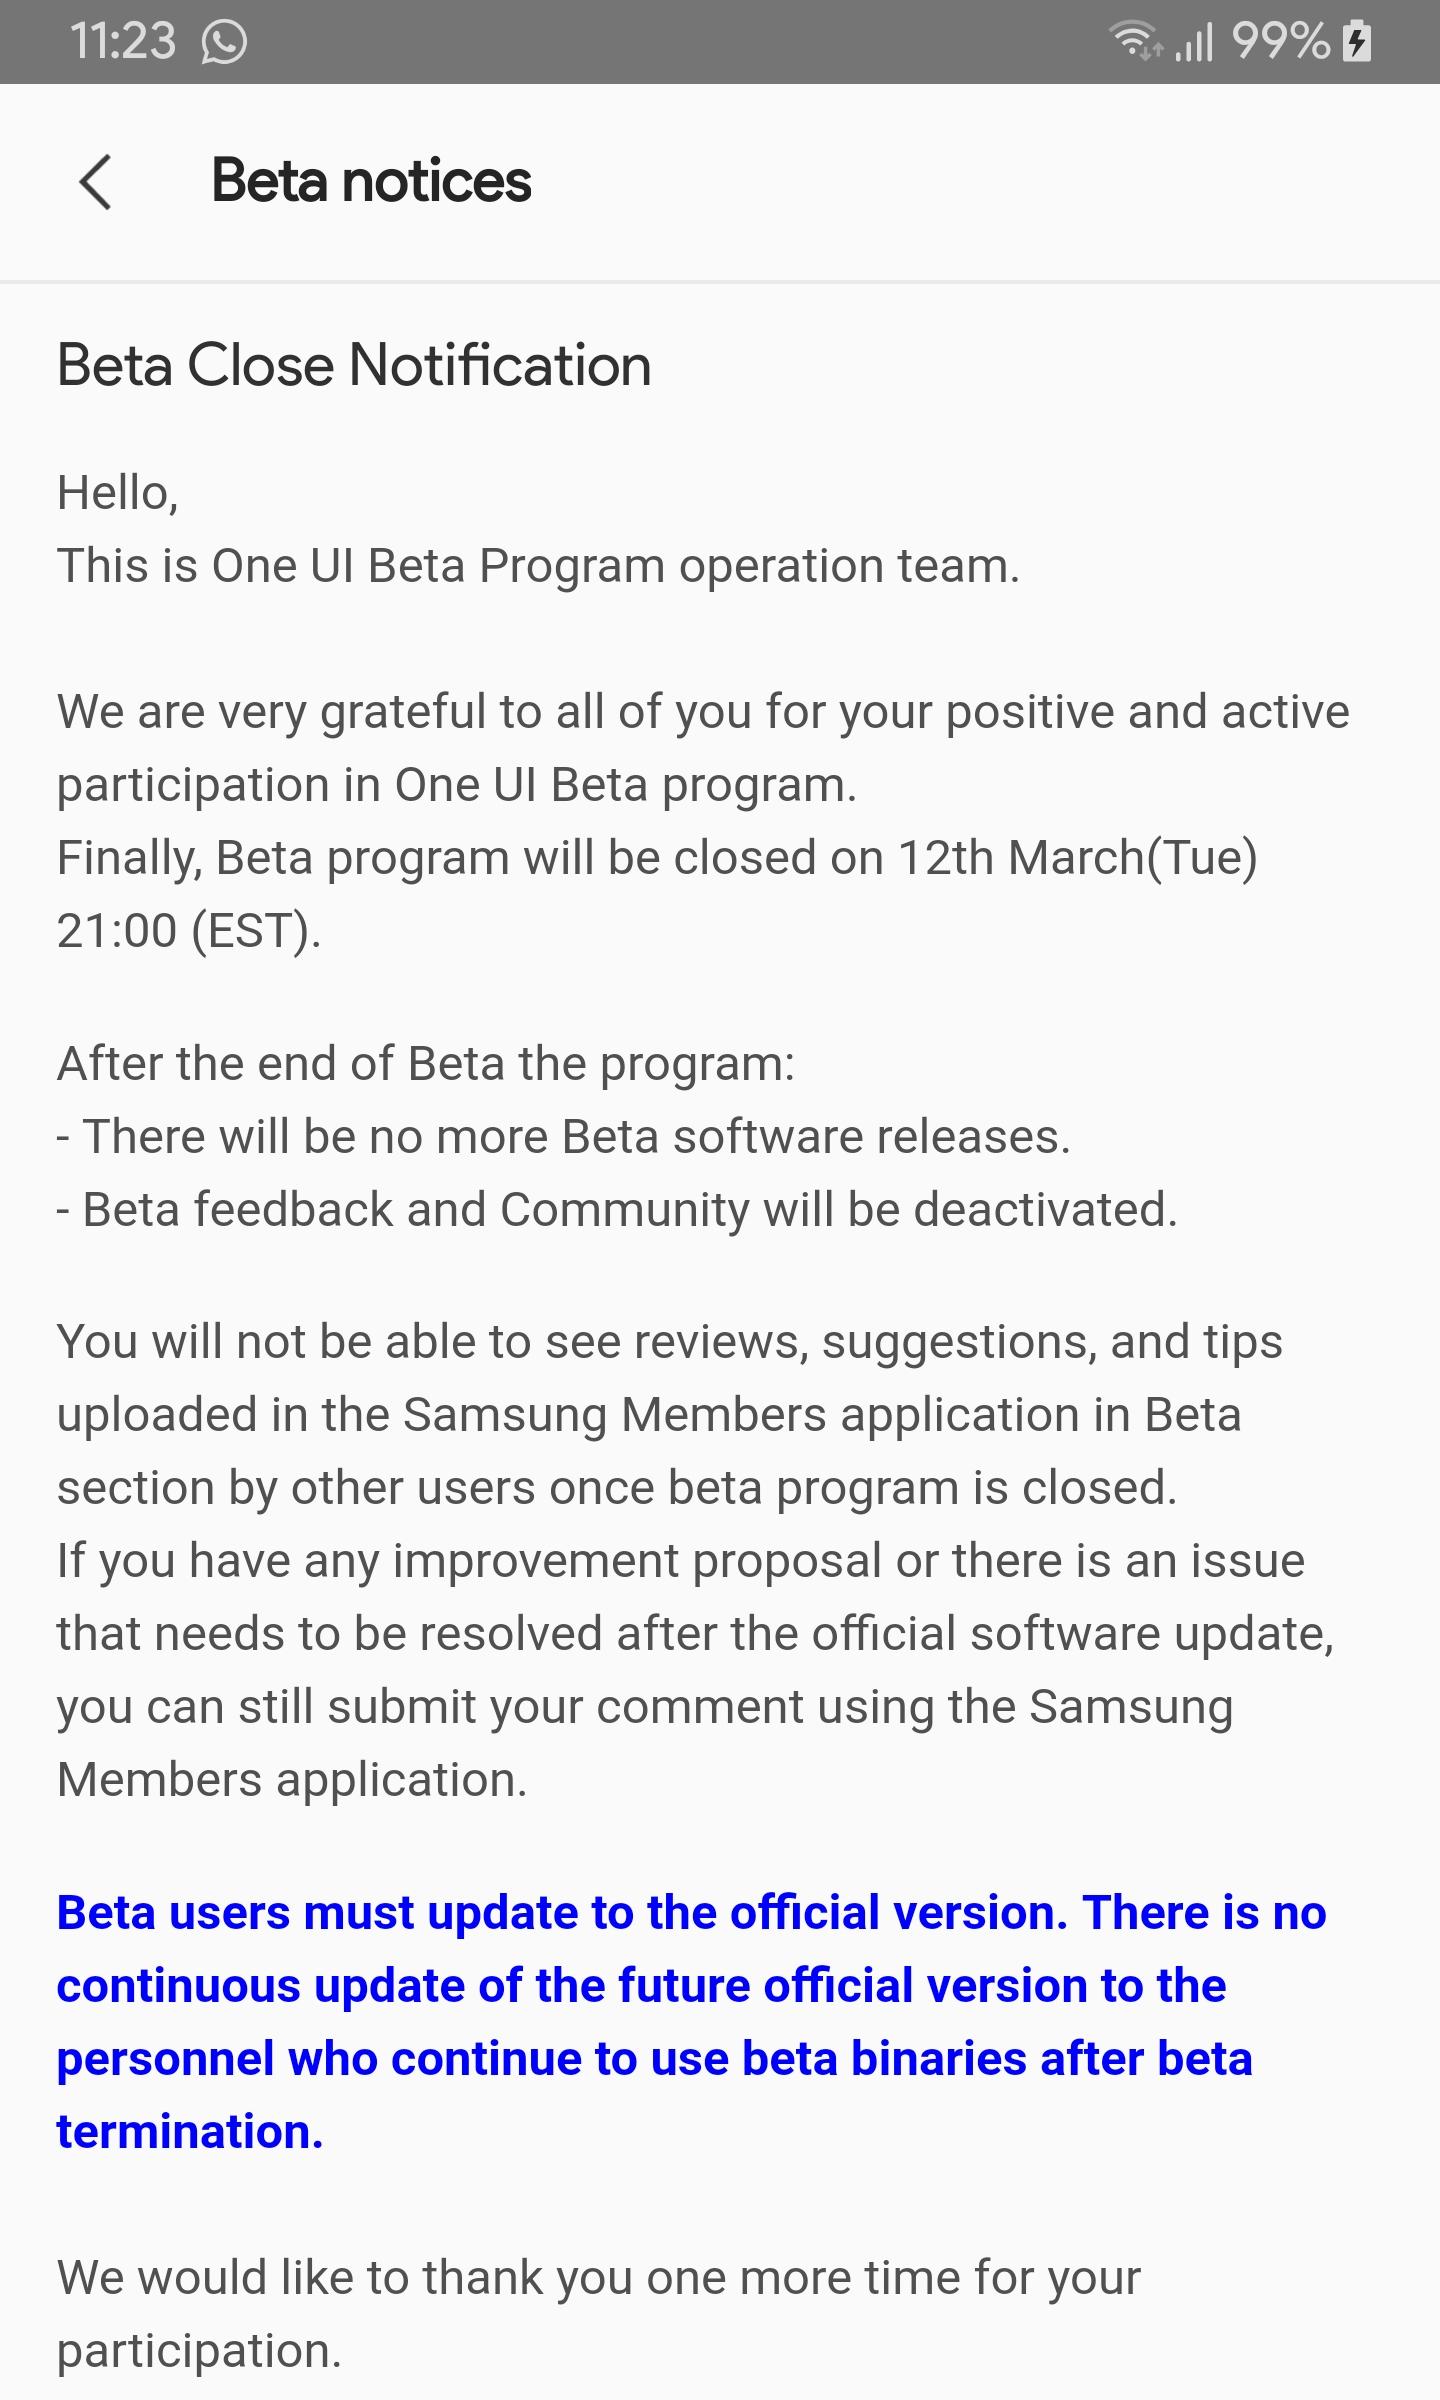 U.S. unlocked Galaxy Note 9 beta end notice